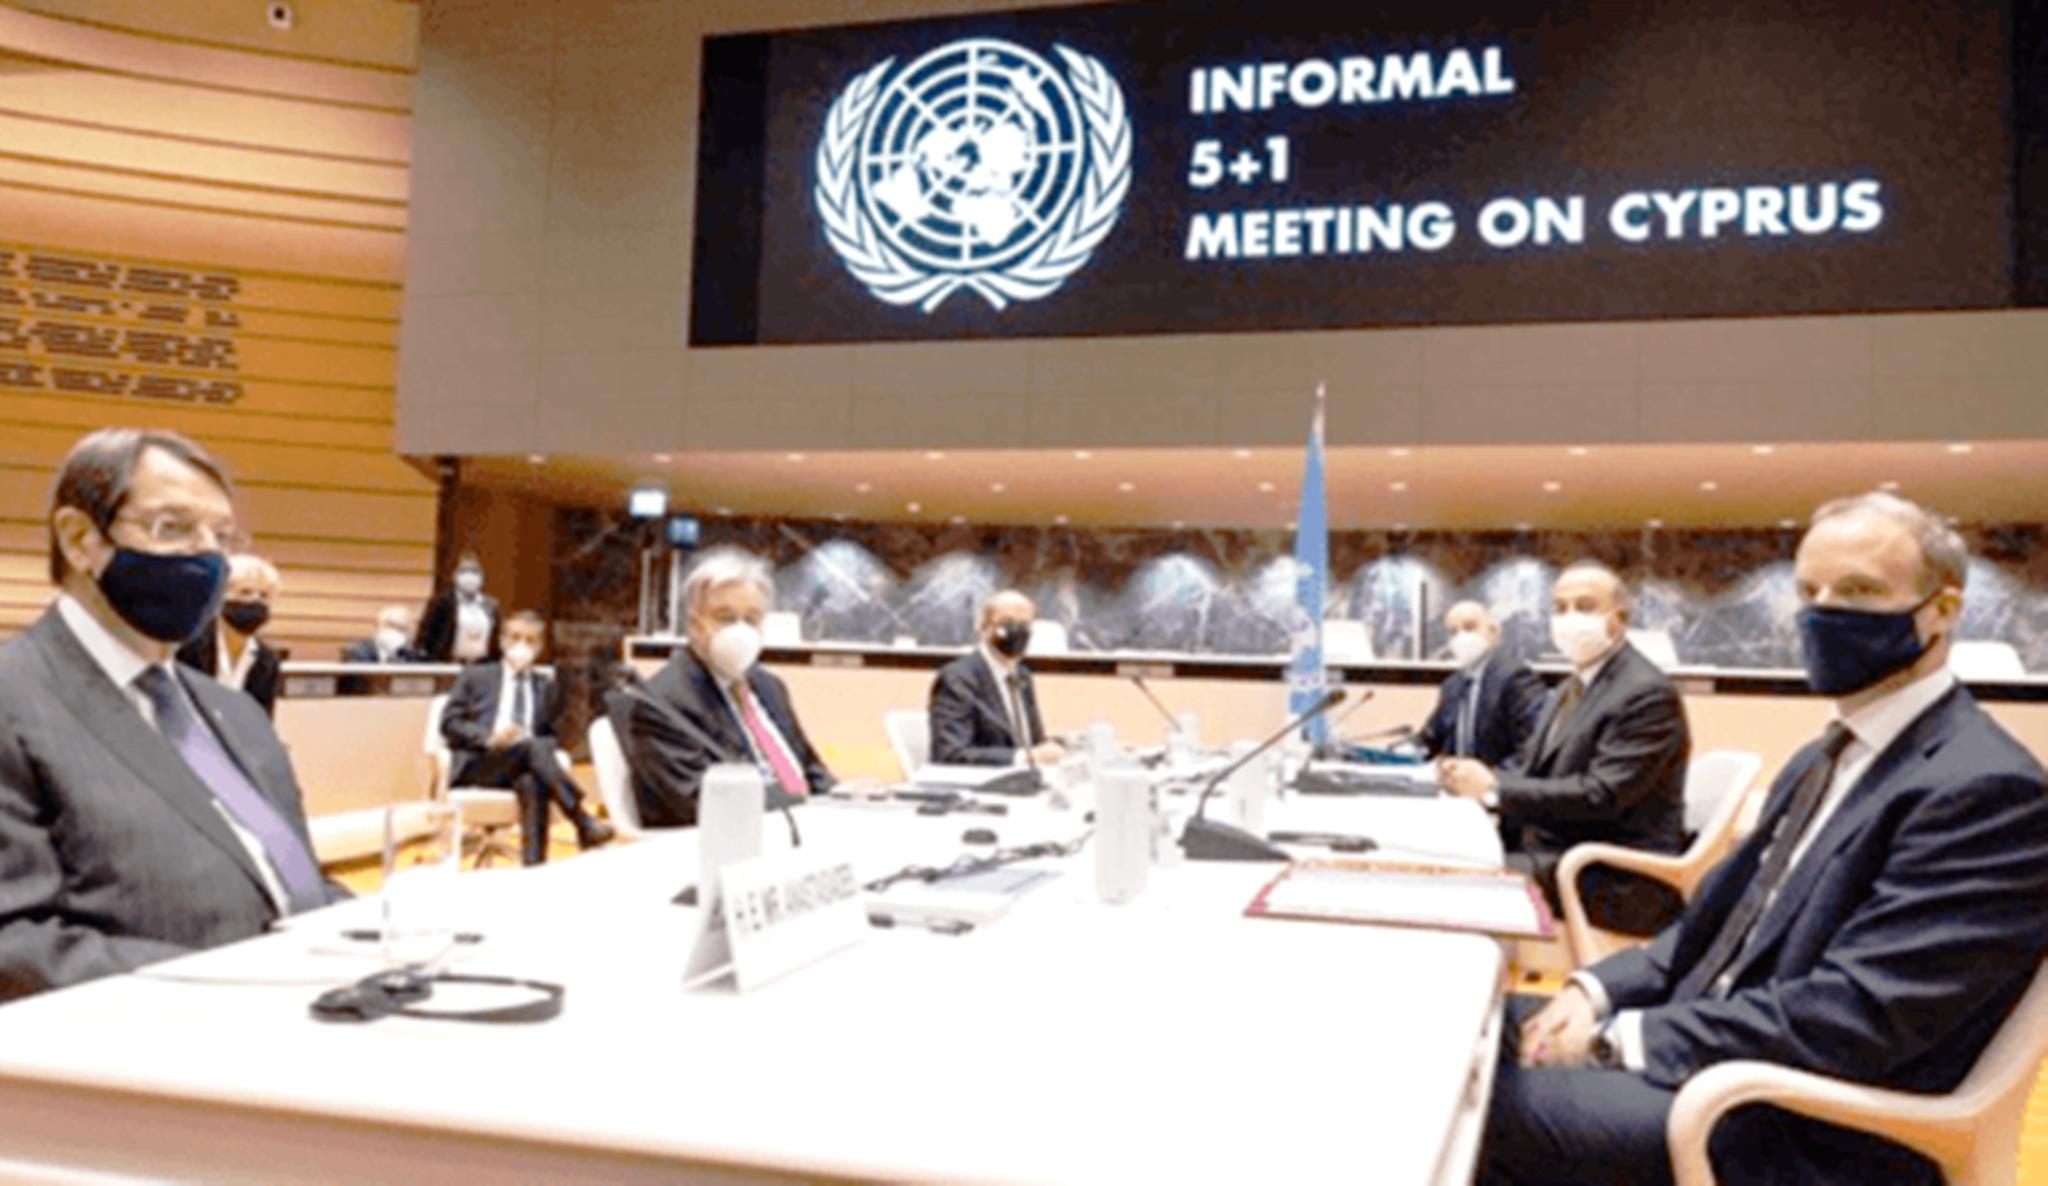 Τρίμηνη αναστολή εκτελέσεως για την Κύπρο